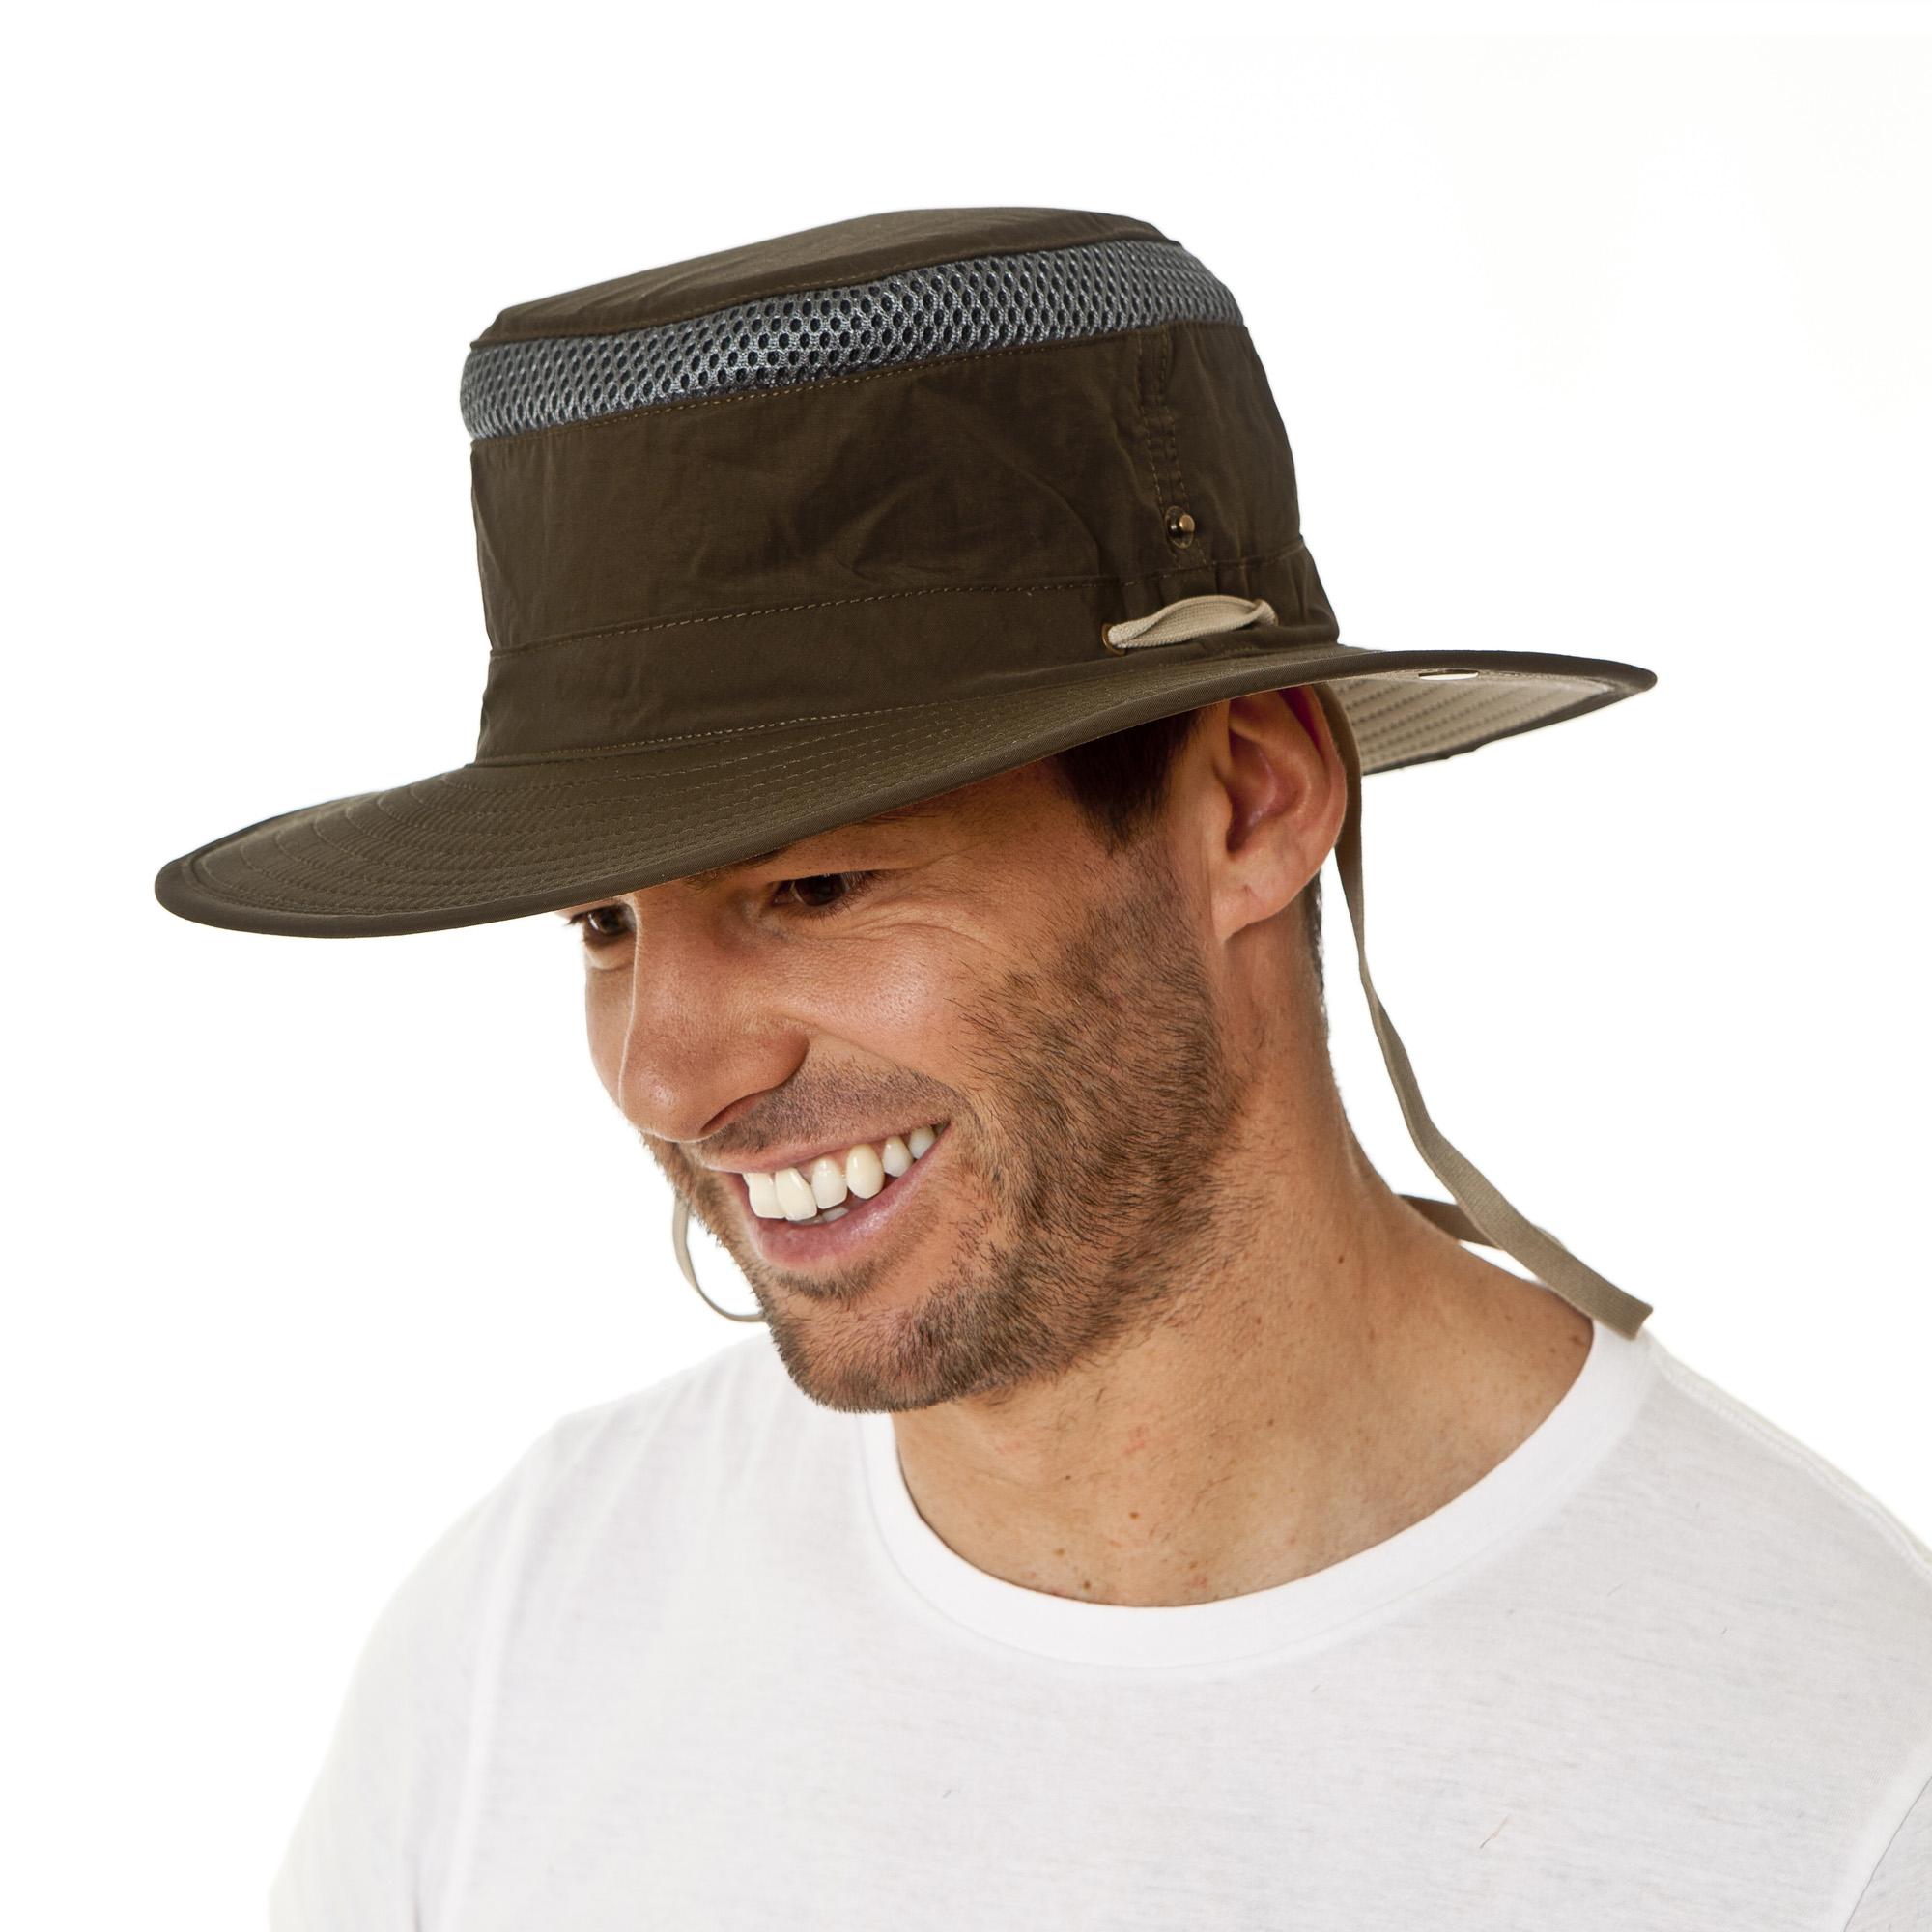 i-Smalls Men s Summer Vented Wide Brim Bush Hat with Chin Strap  f9404e80841